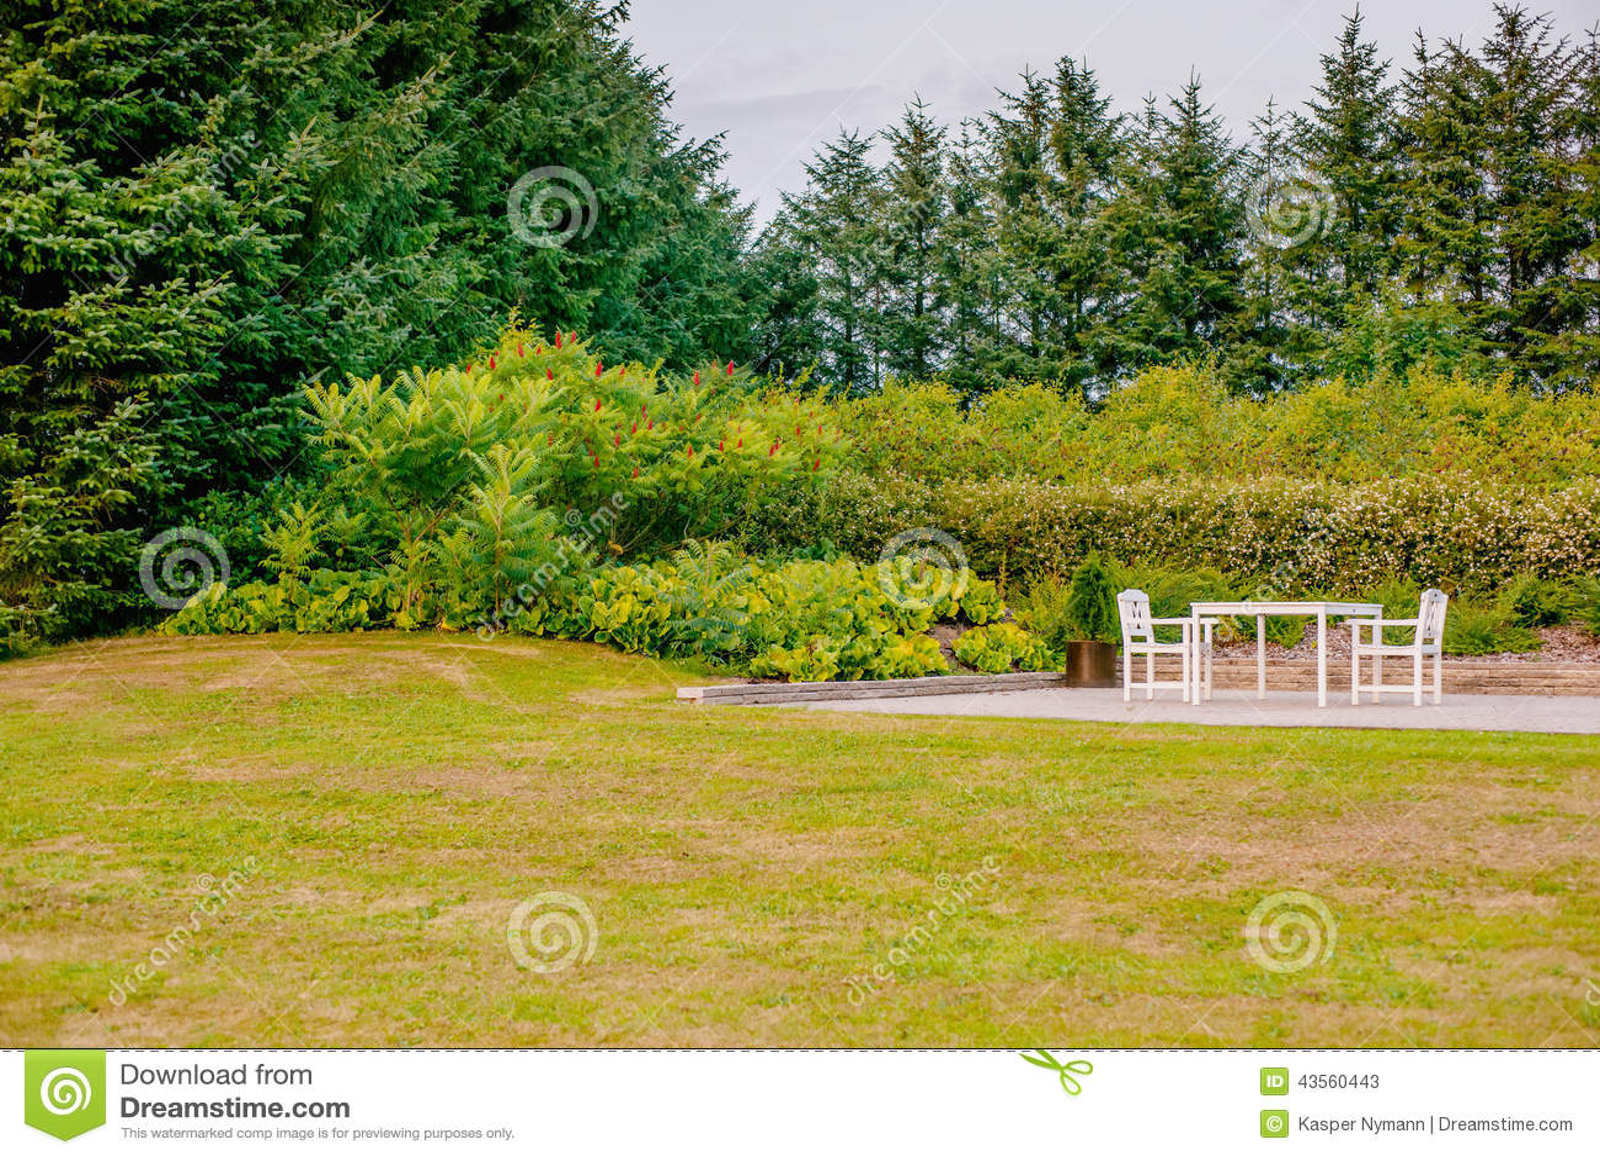 Mobili da giardino bianchi su un terrazzo immagine stock for Mobili da giardino terrazzo